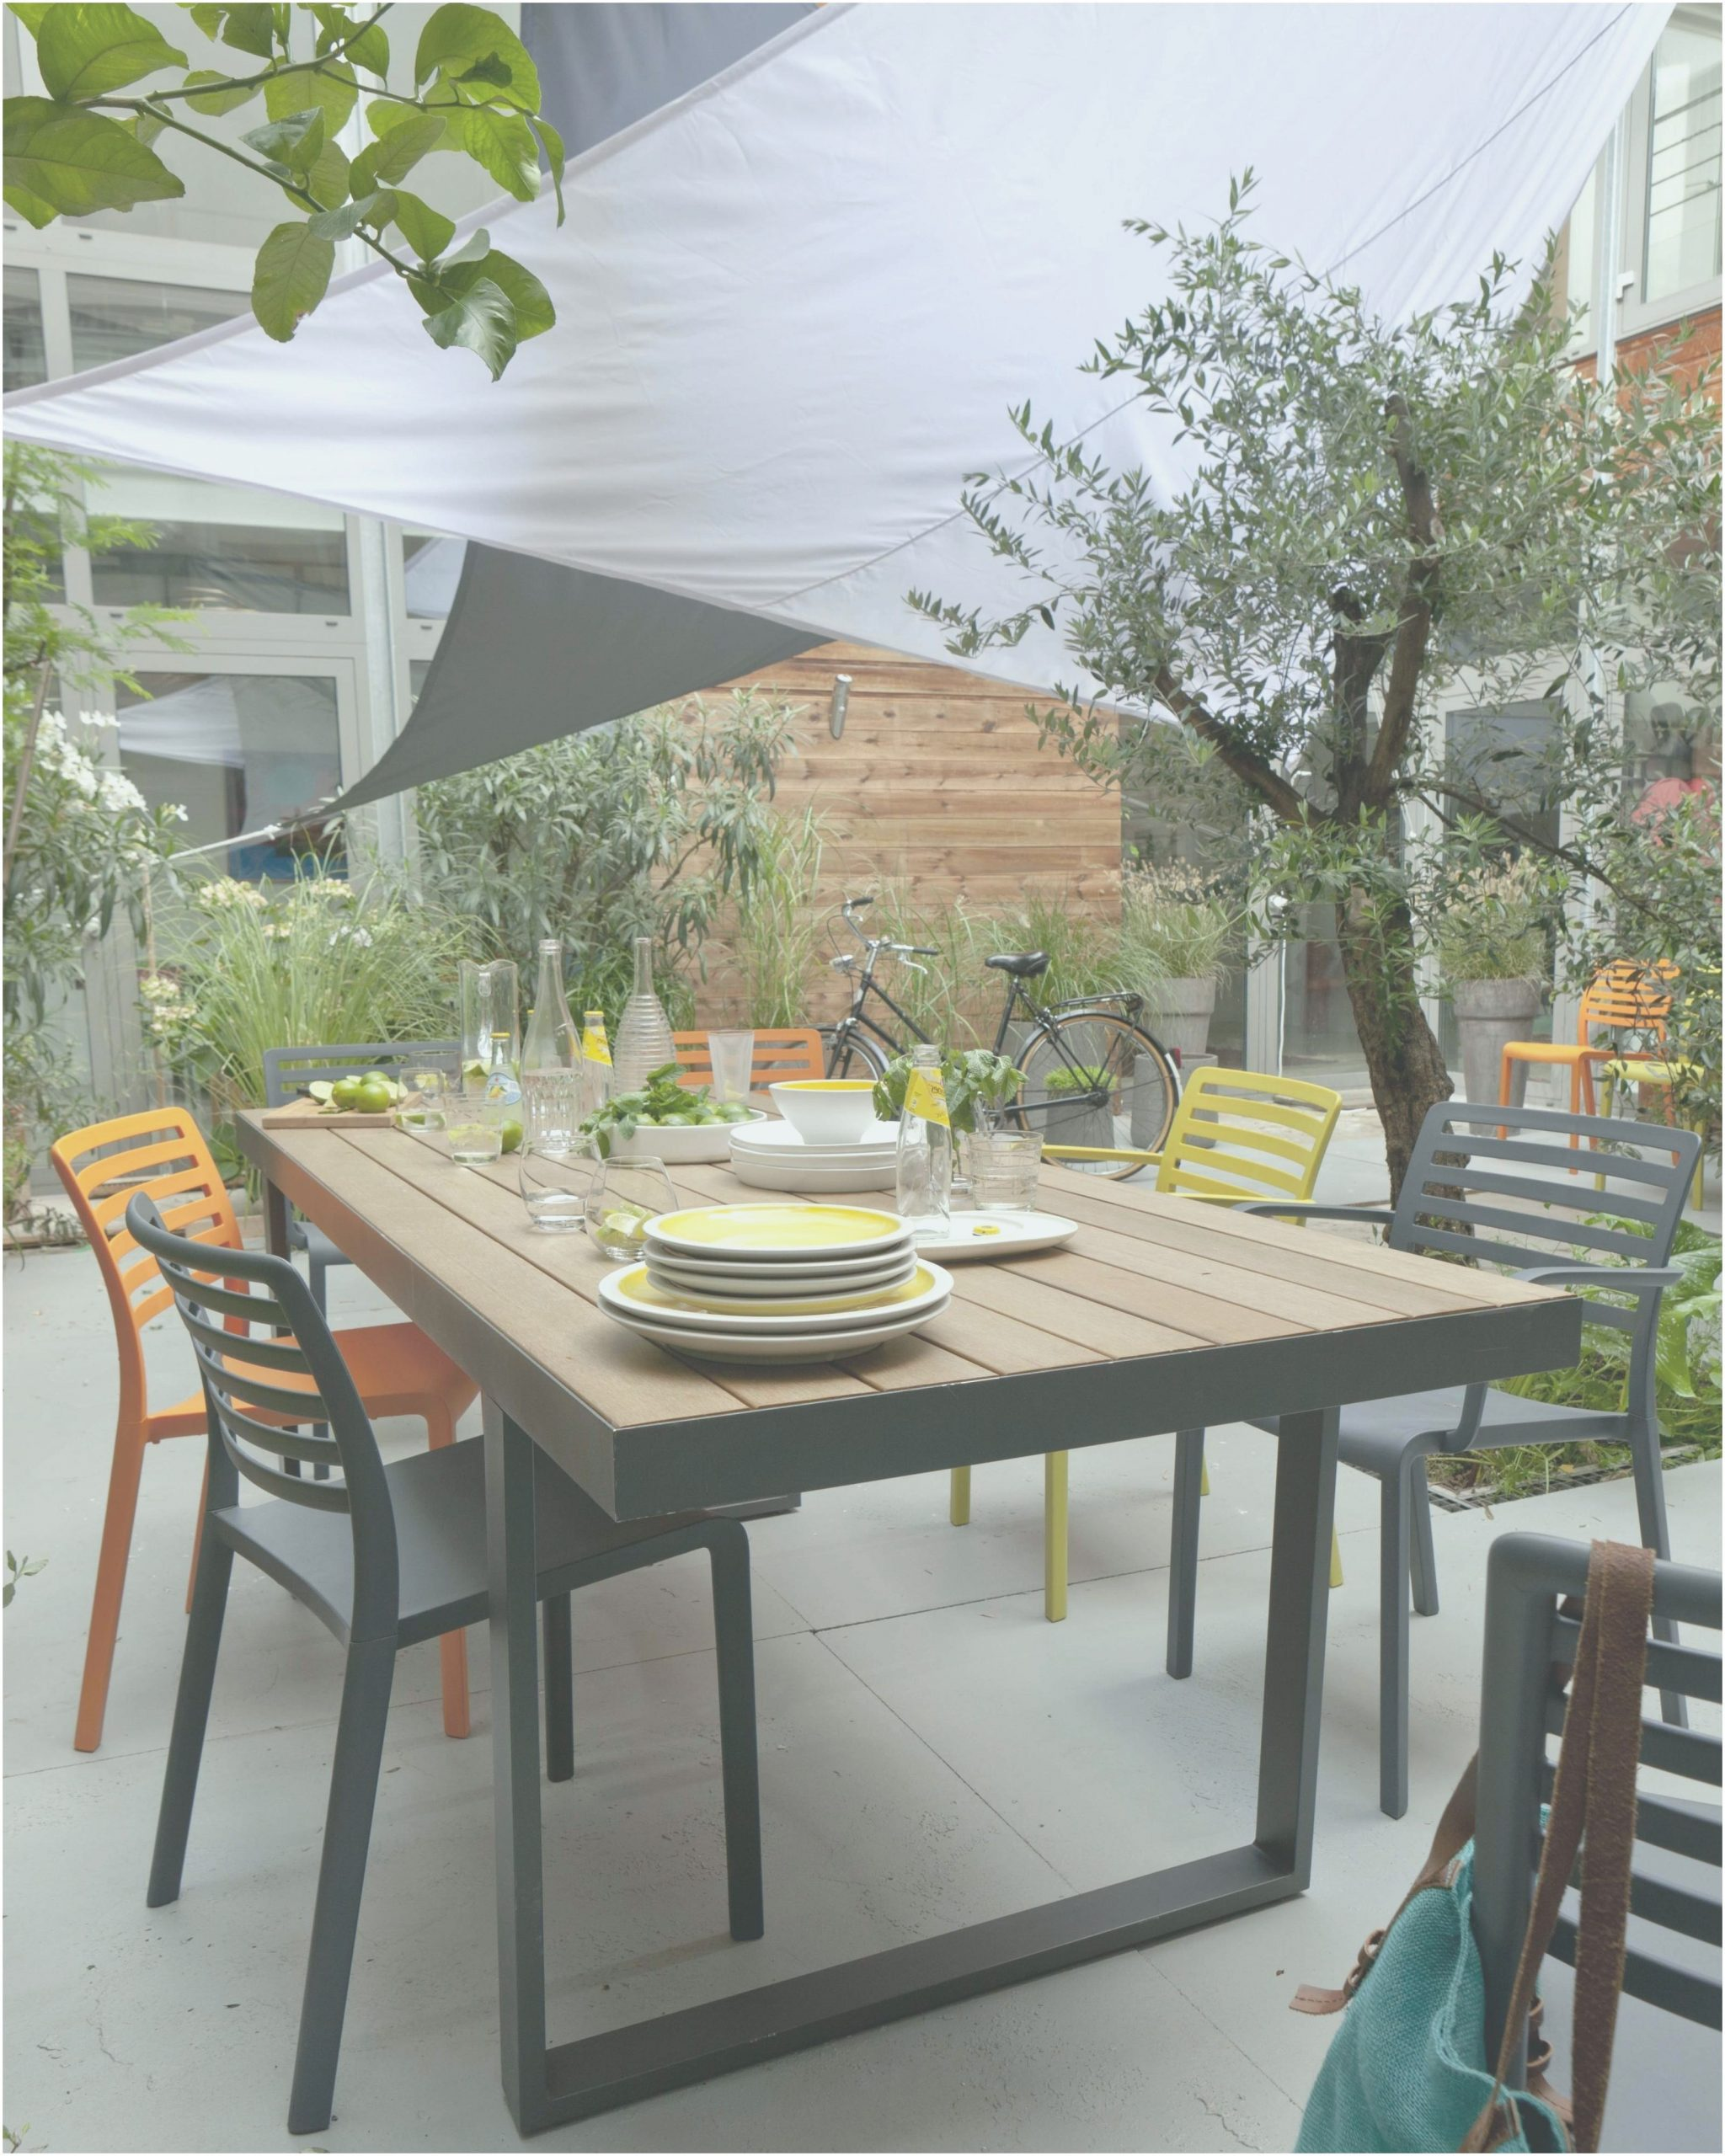 46 Idées De Design Meuble De Jardin Leroy Merlin concernant Solde Salon De Jardin Leroy Merlin